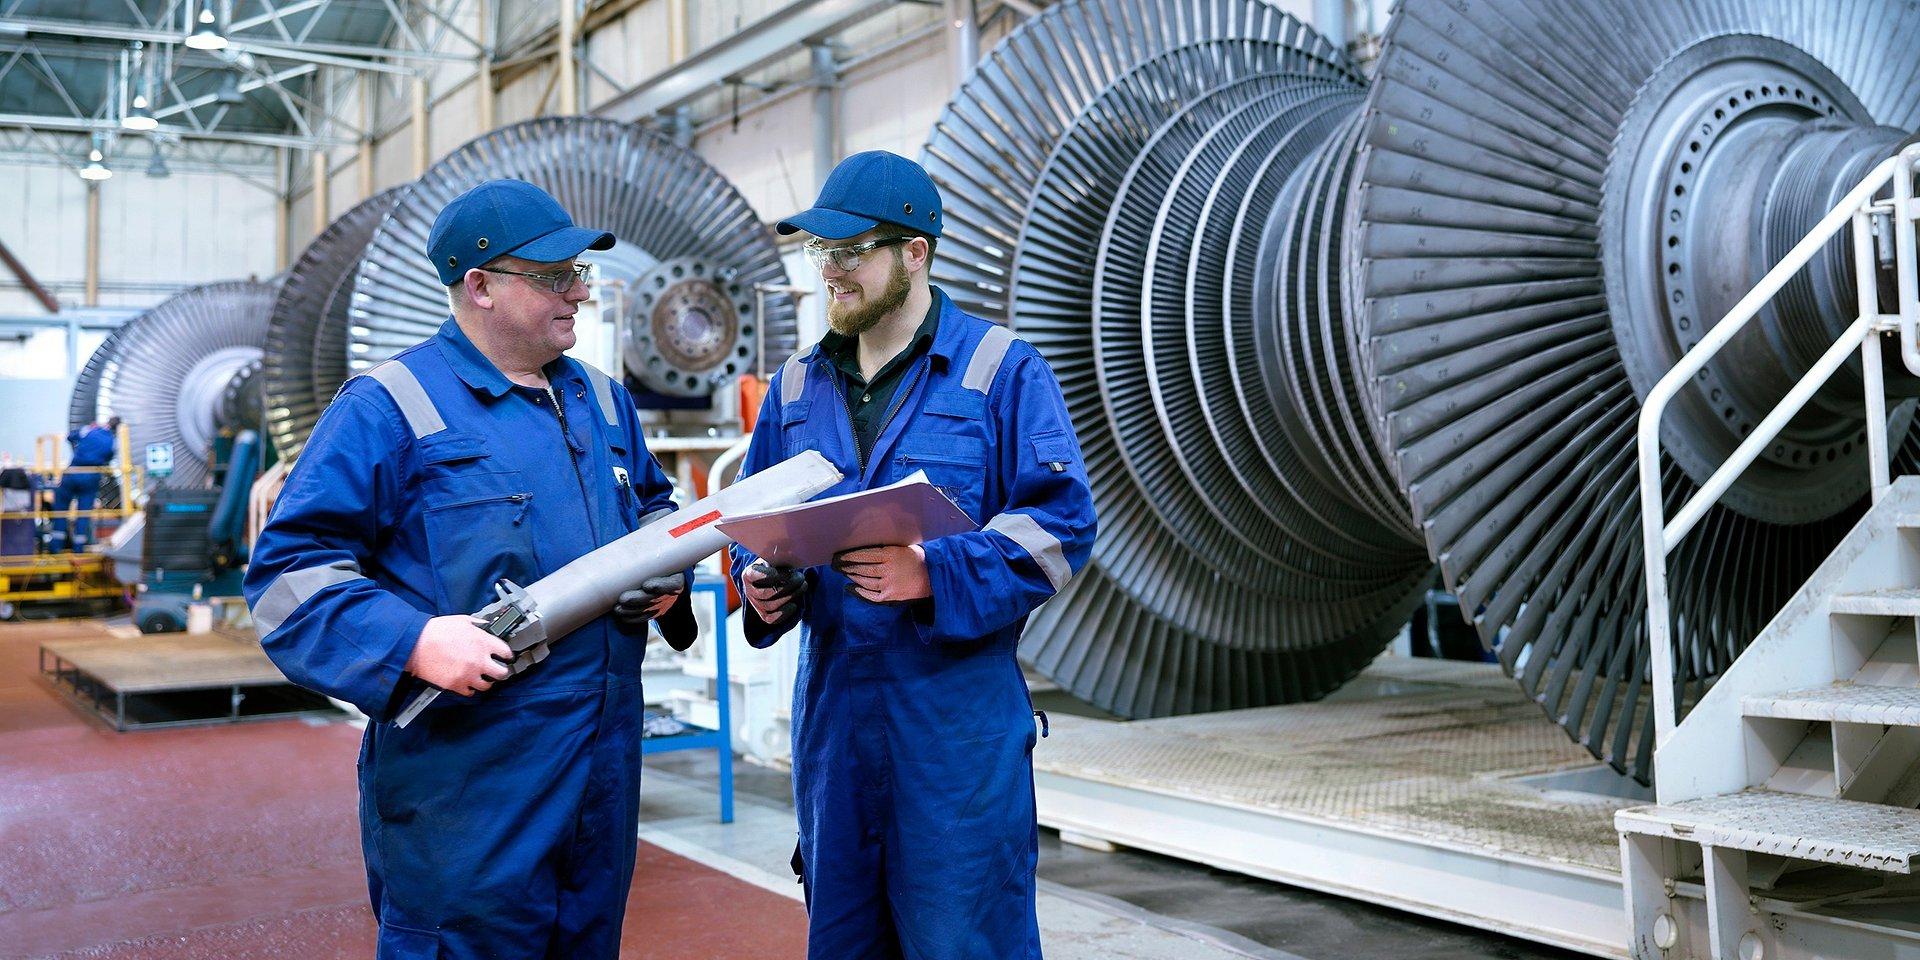 Zapotrzebowanie na pracowników w przemyśle najwyższe od 2 lat. Rekrutacje planuje więcej niż co czwarty pracodawca